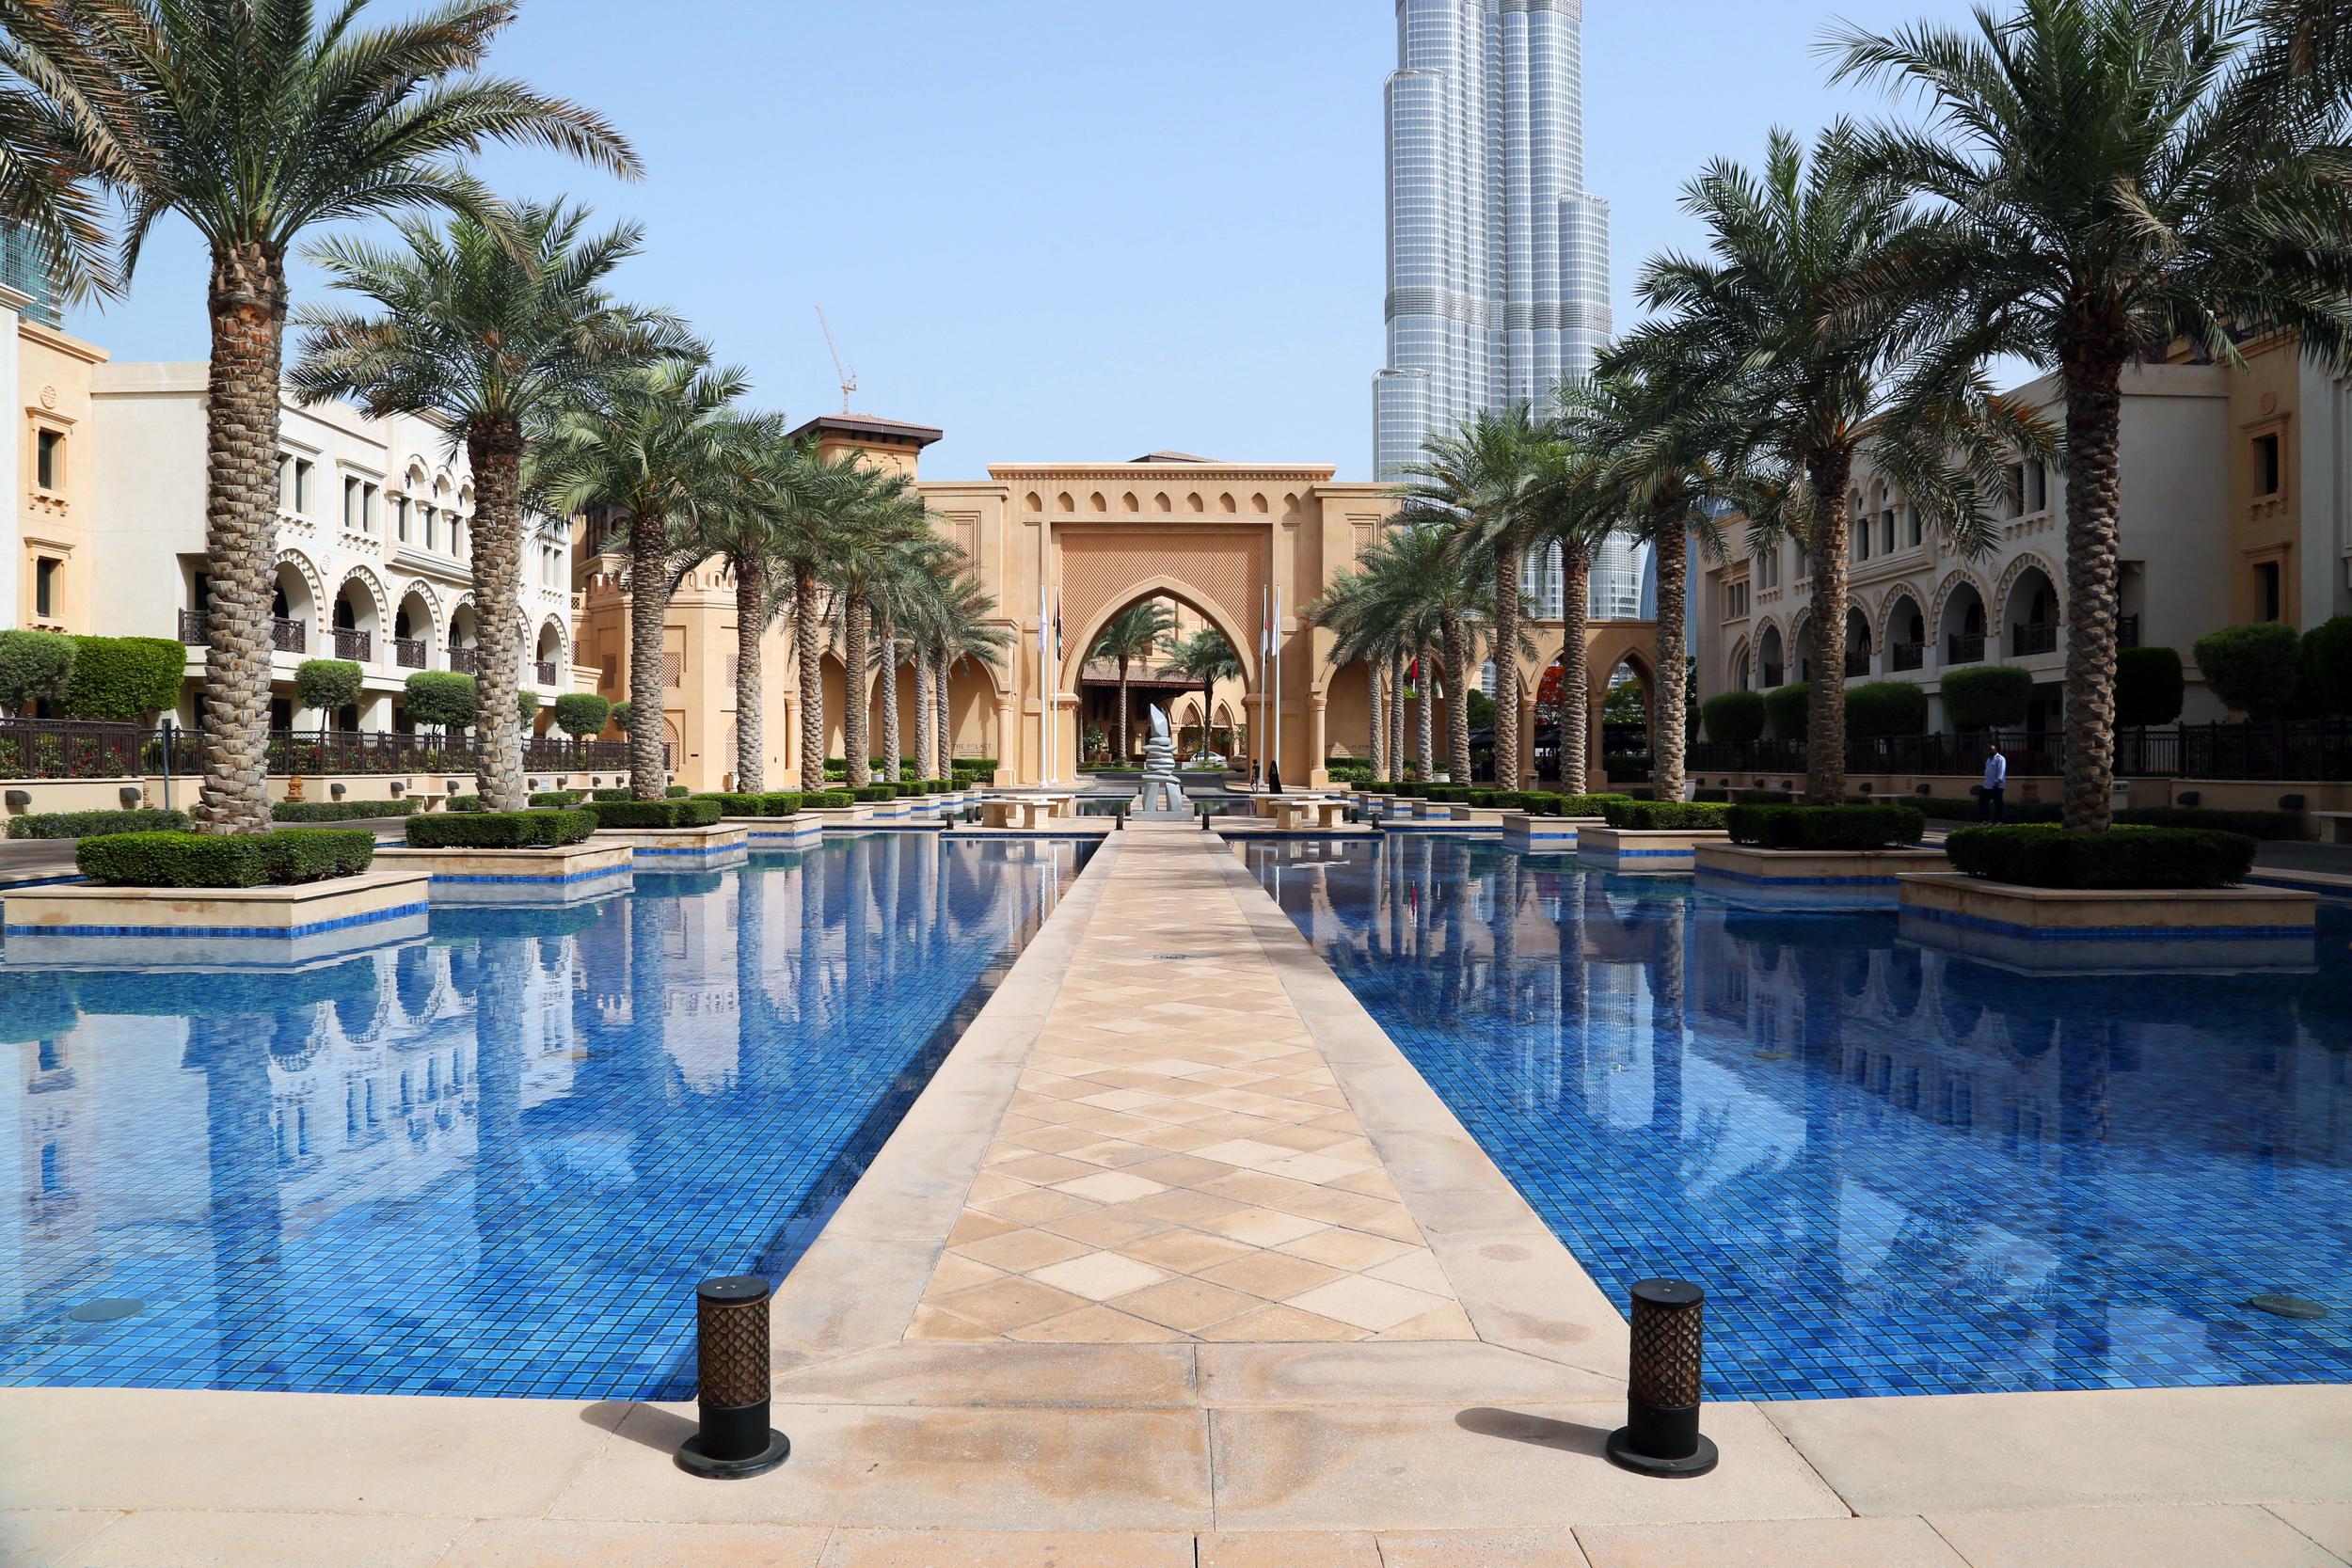 Suk Al Bahar - Dubai, UAE